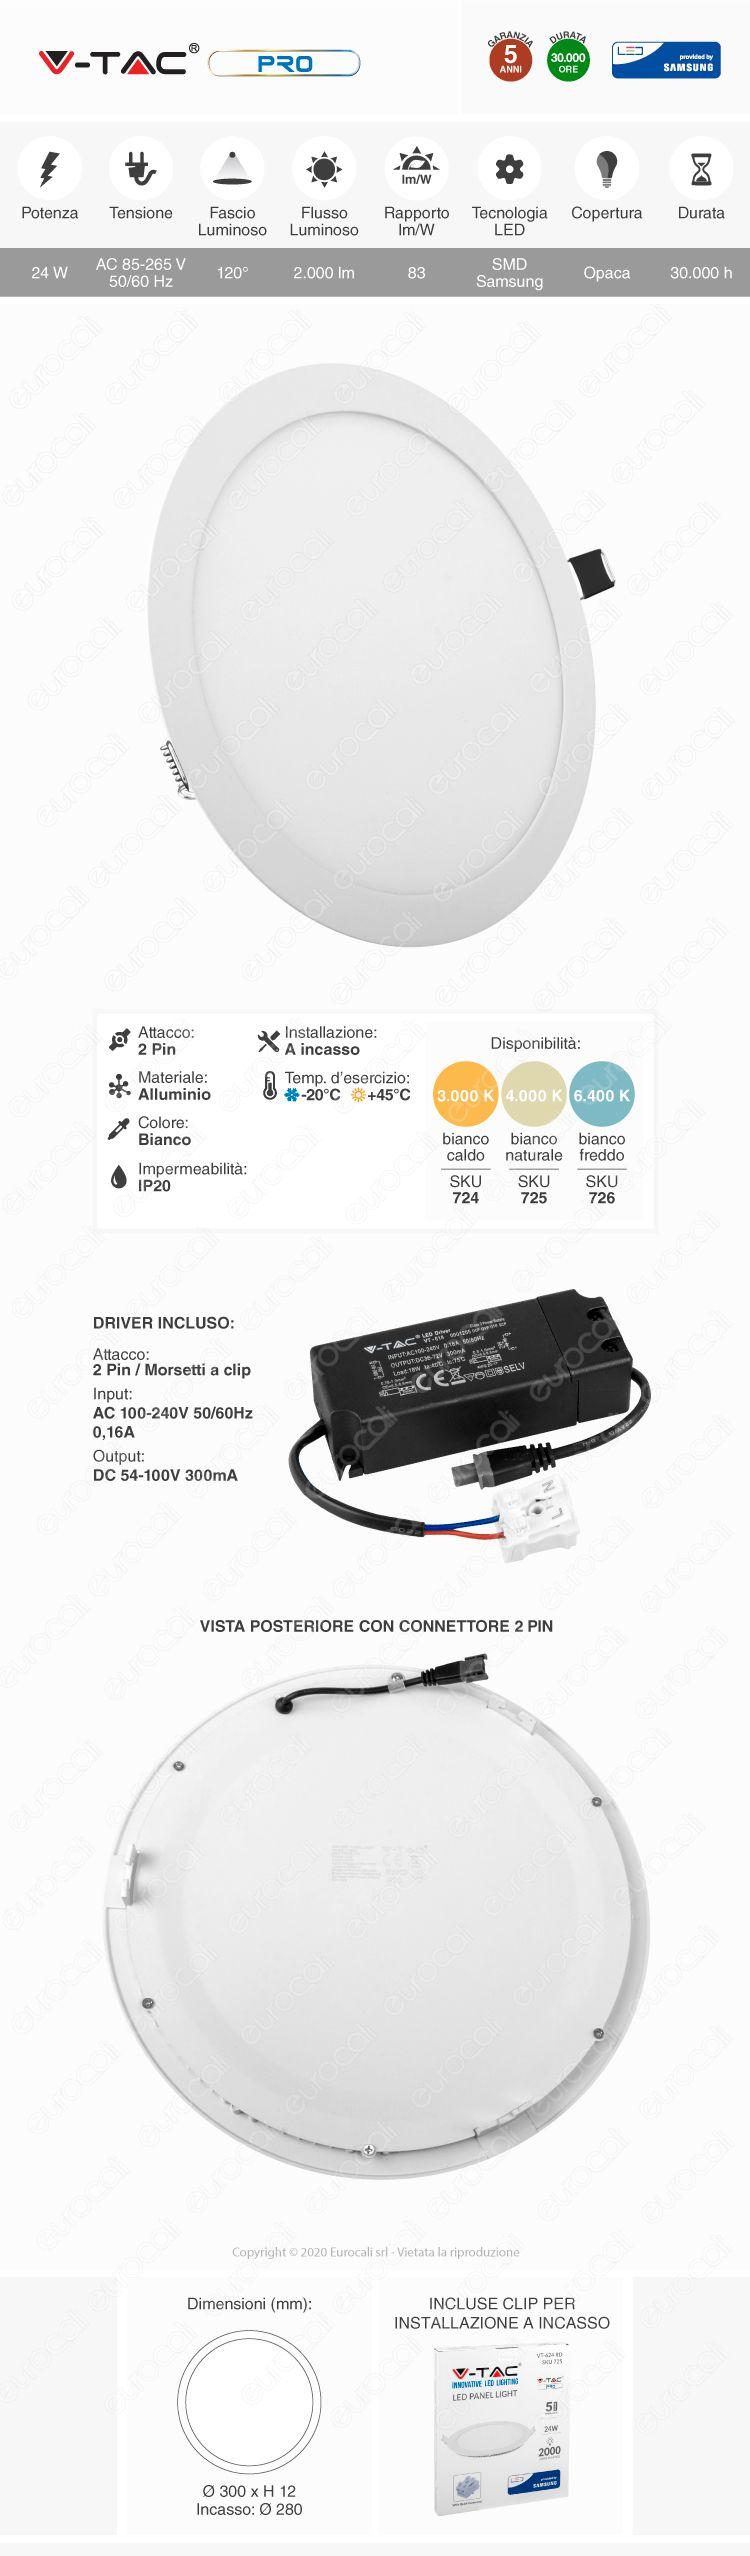 V-Tac PRO VT-624 RD Pannello LED Rotondo 24W SMD da Incasso con Driver con Chip Samsung